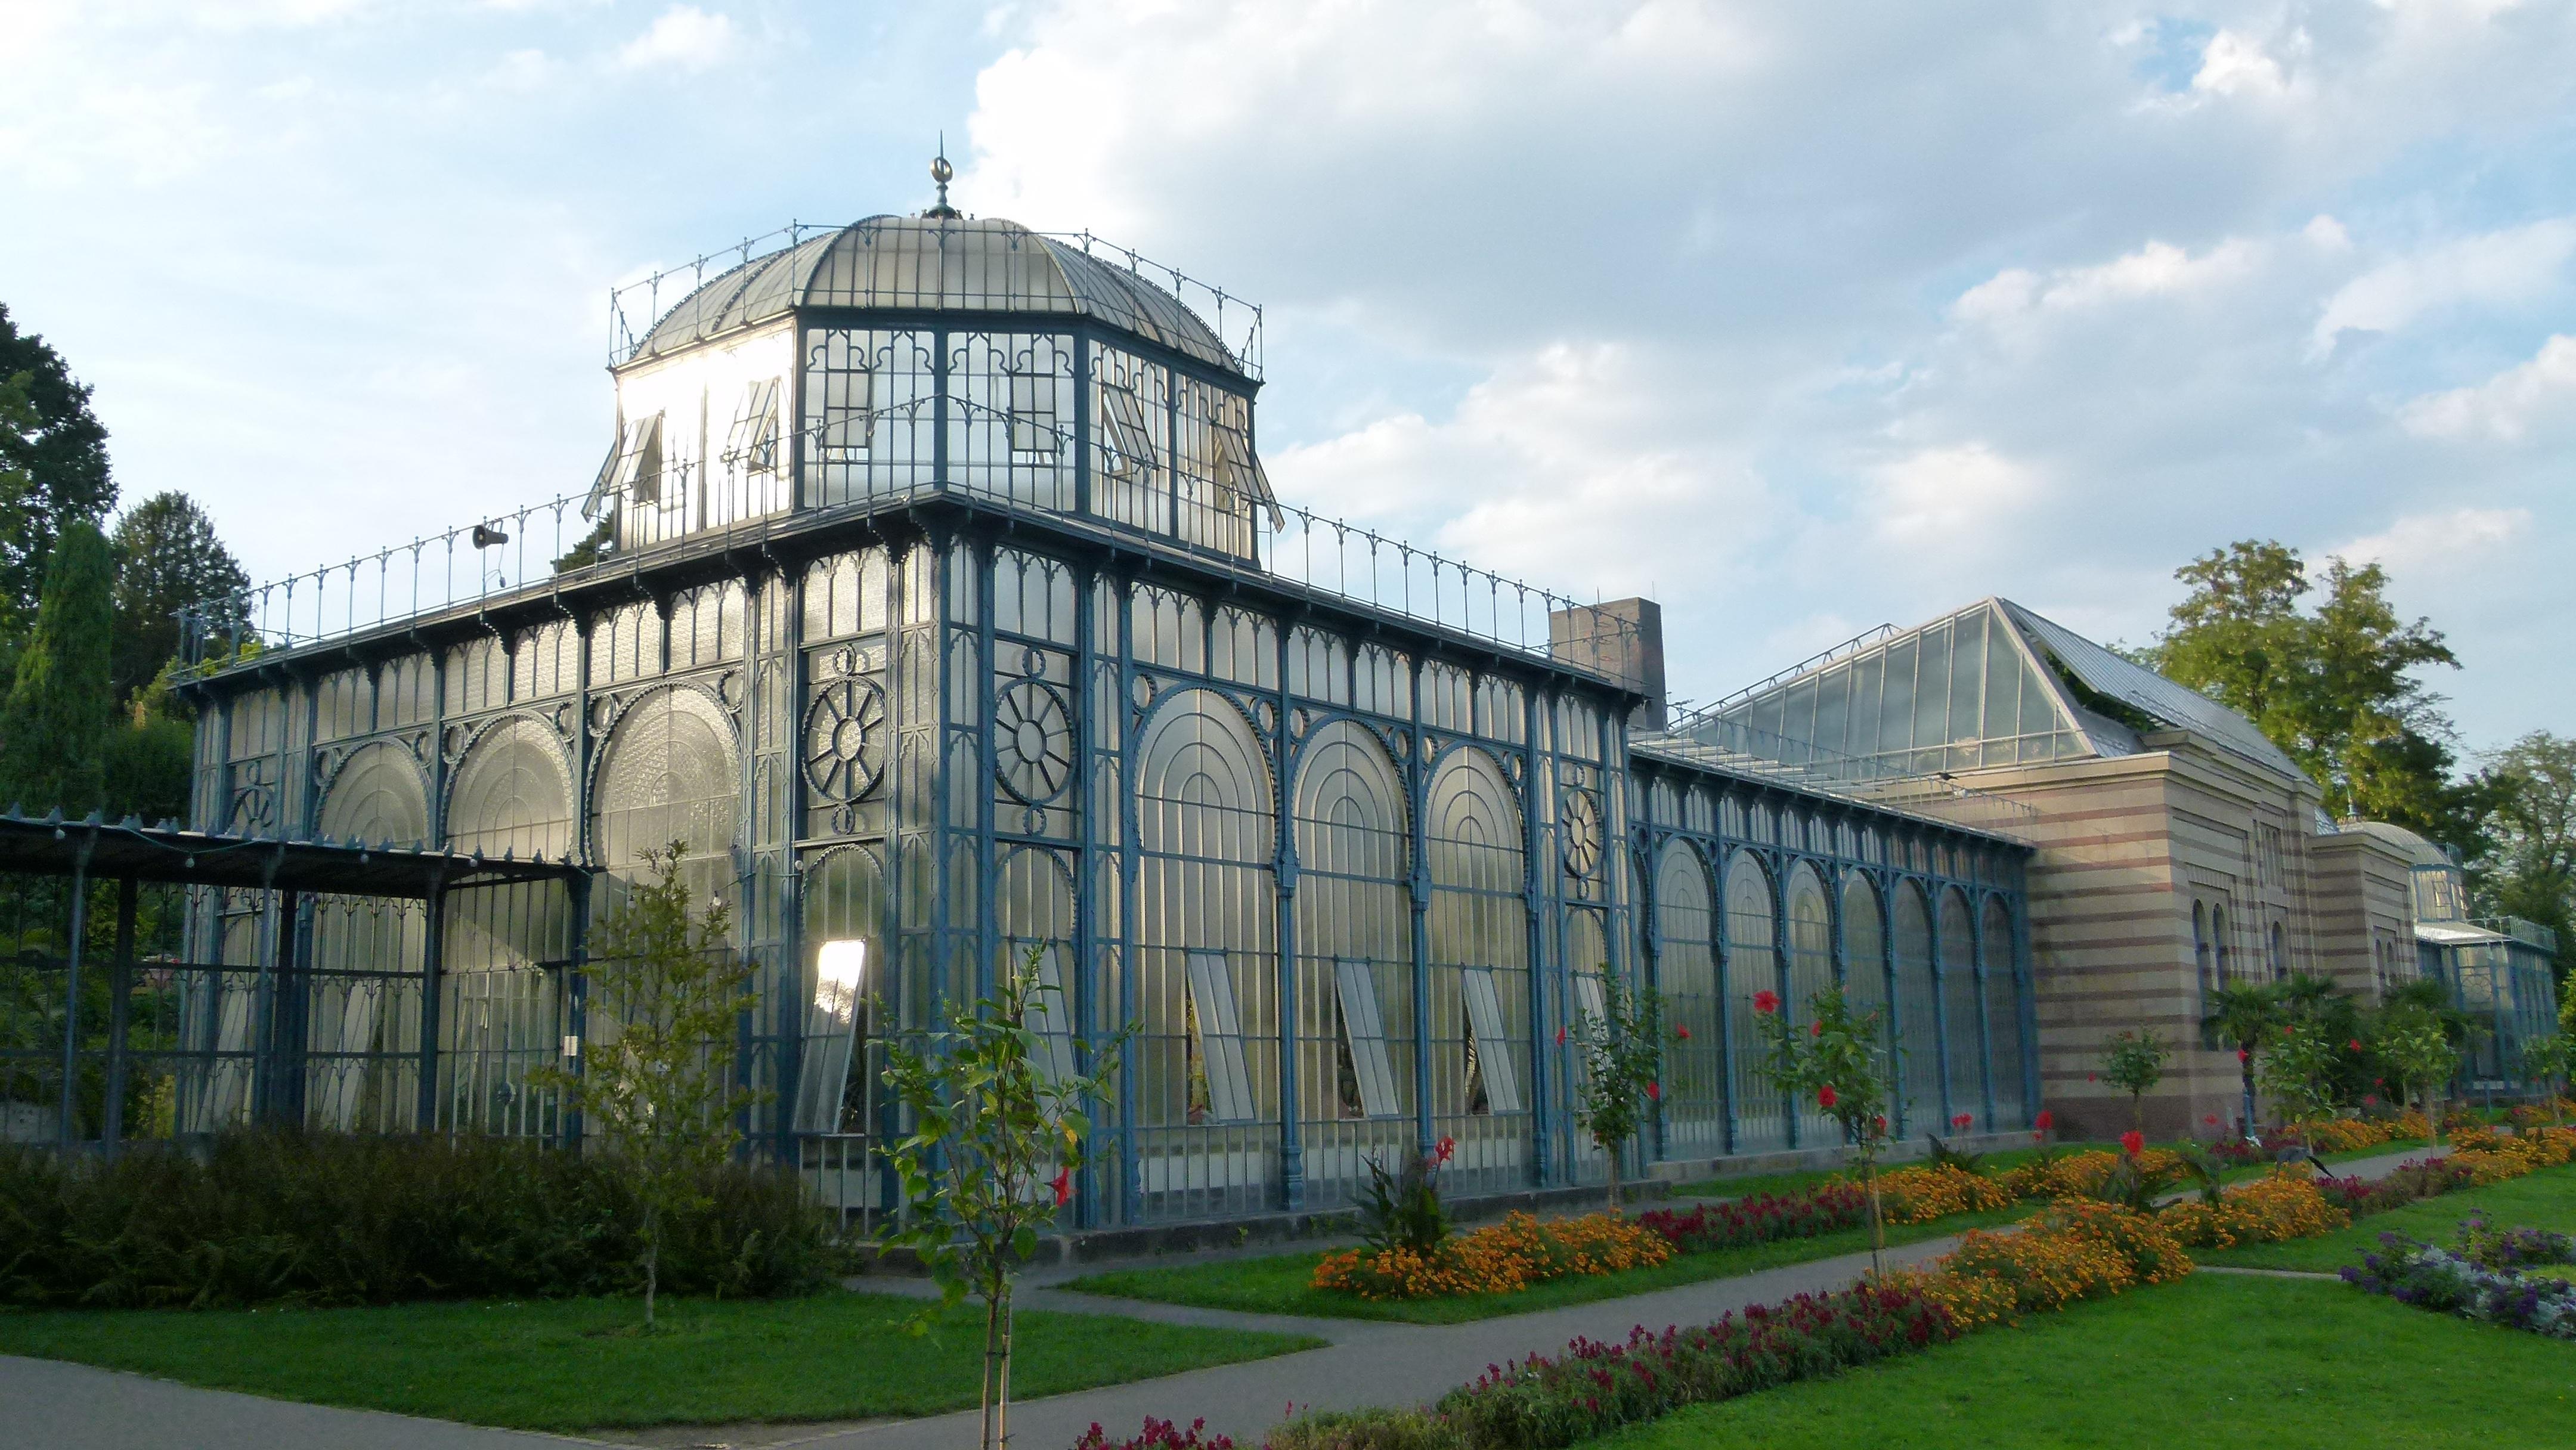 Haus Im Gewächshaus kostenlose foto die architektur glas gebäude alt zoo fassade